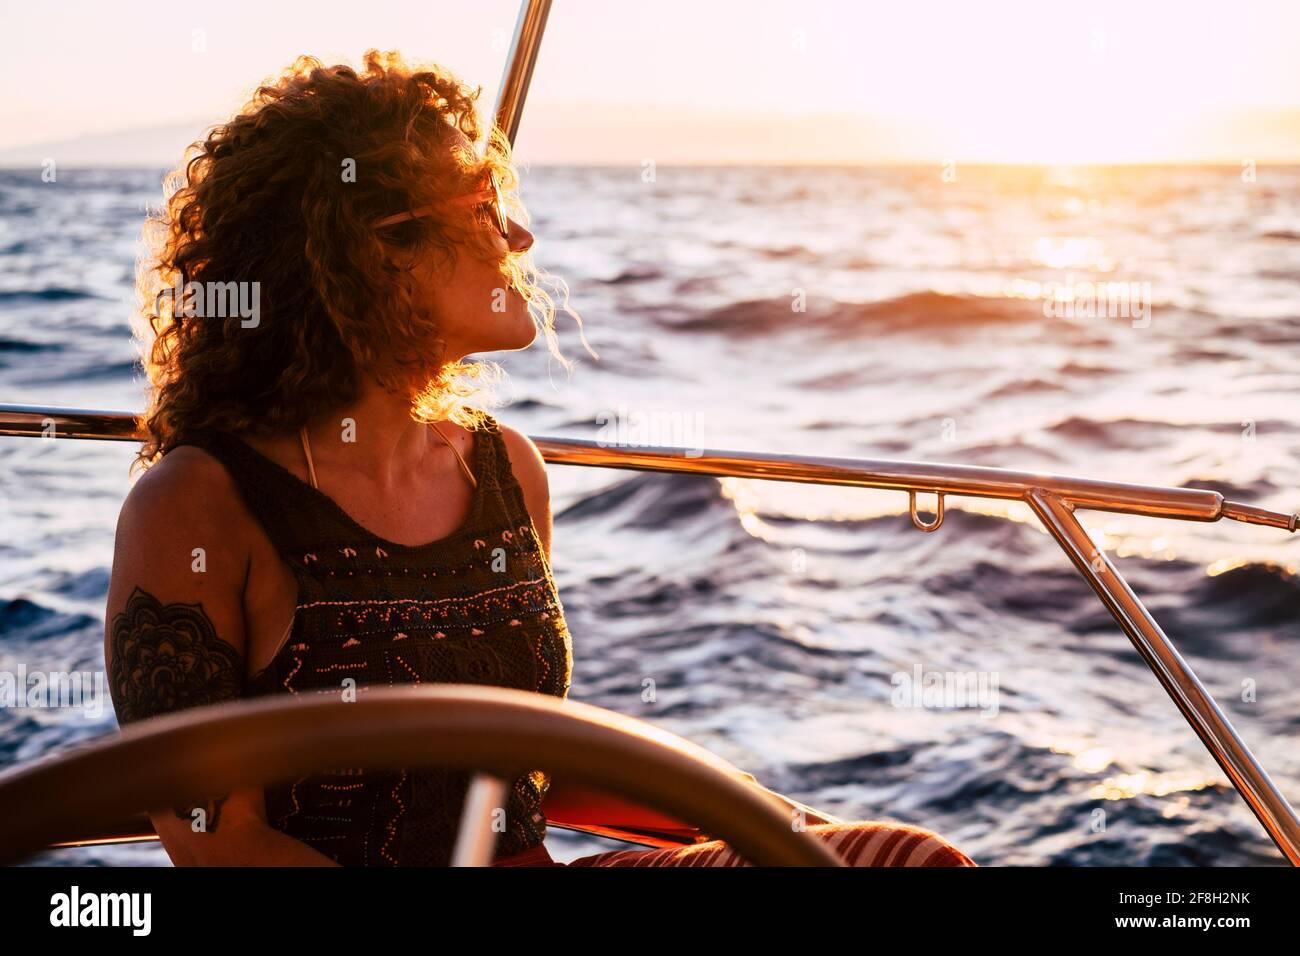 Gaie et attrayante jeune femme blonde adulte sourire et profiter de la excursion assise sur le pont en voilier qui regarde le bleu mer autour - concept de Banque D'Images